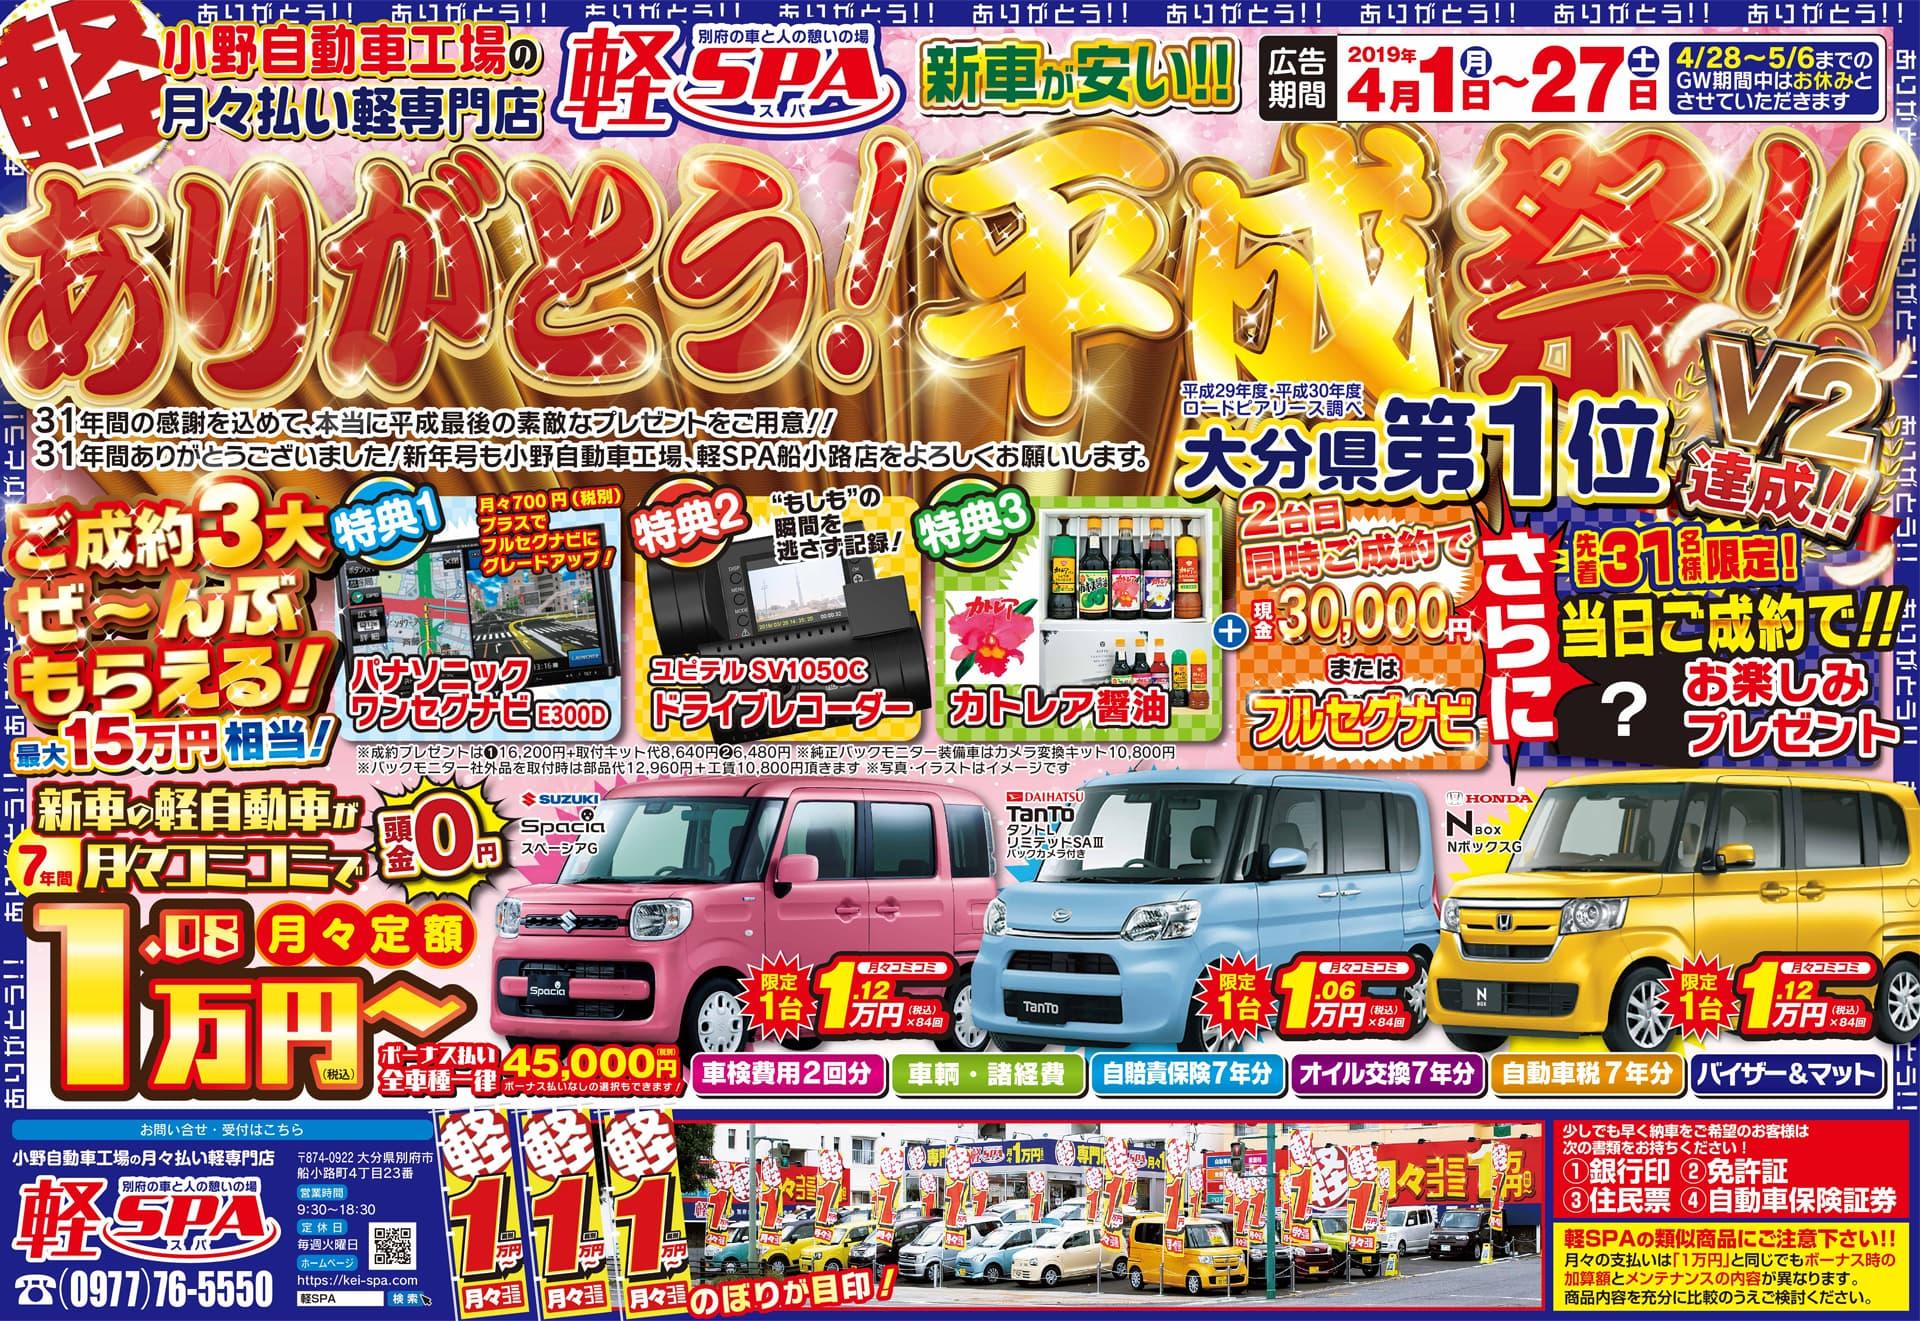 小野自動車工場、これが平成最後の大決算